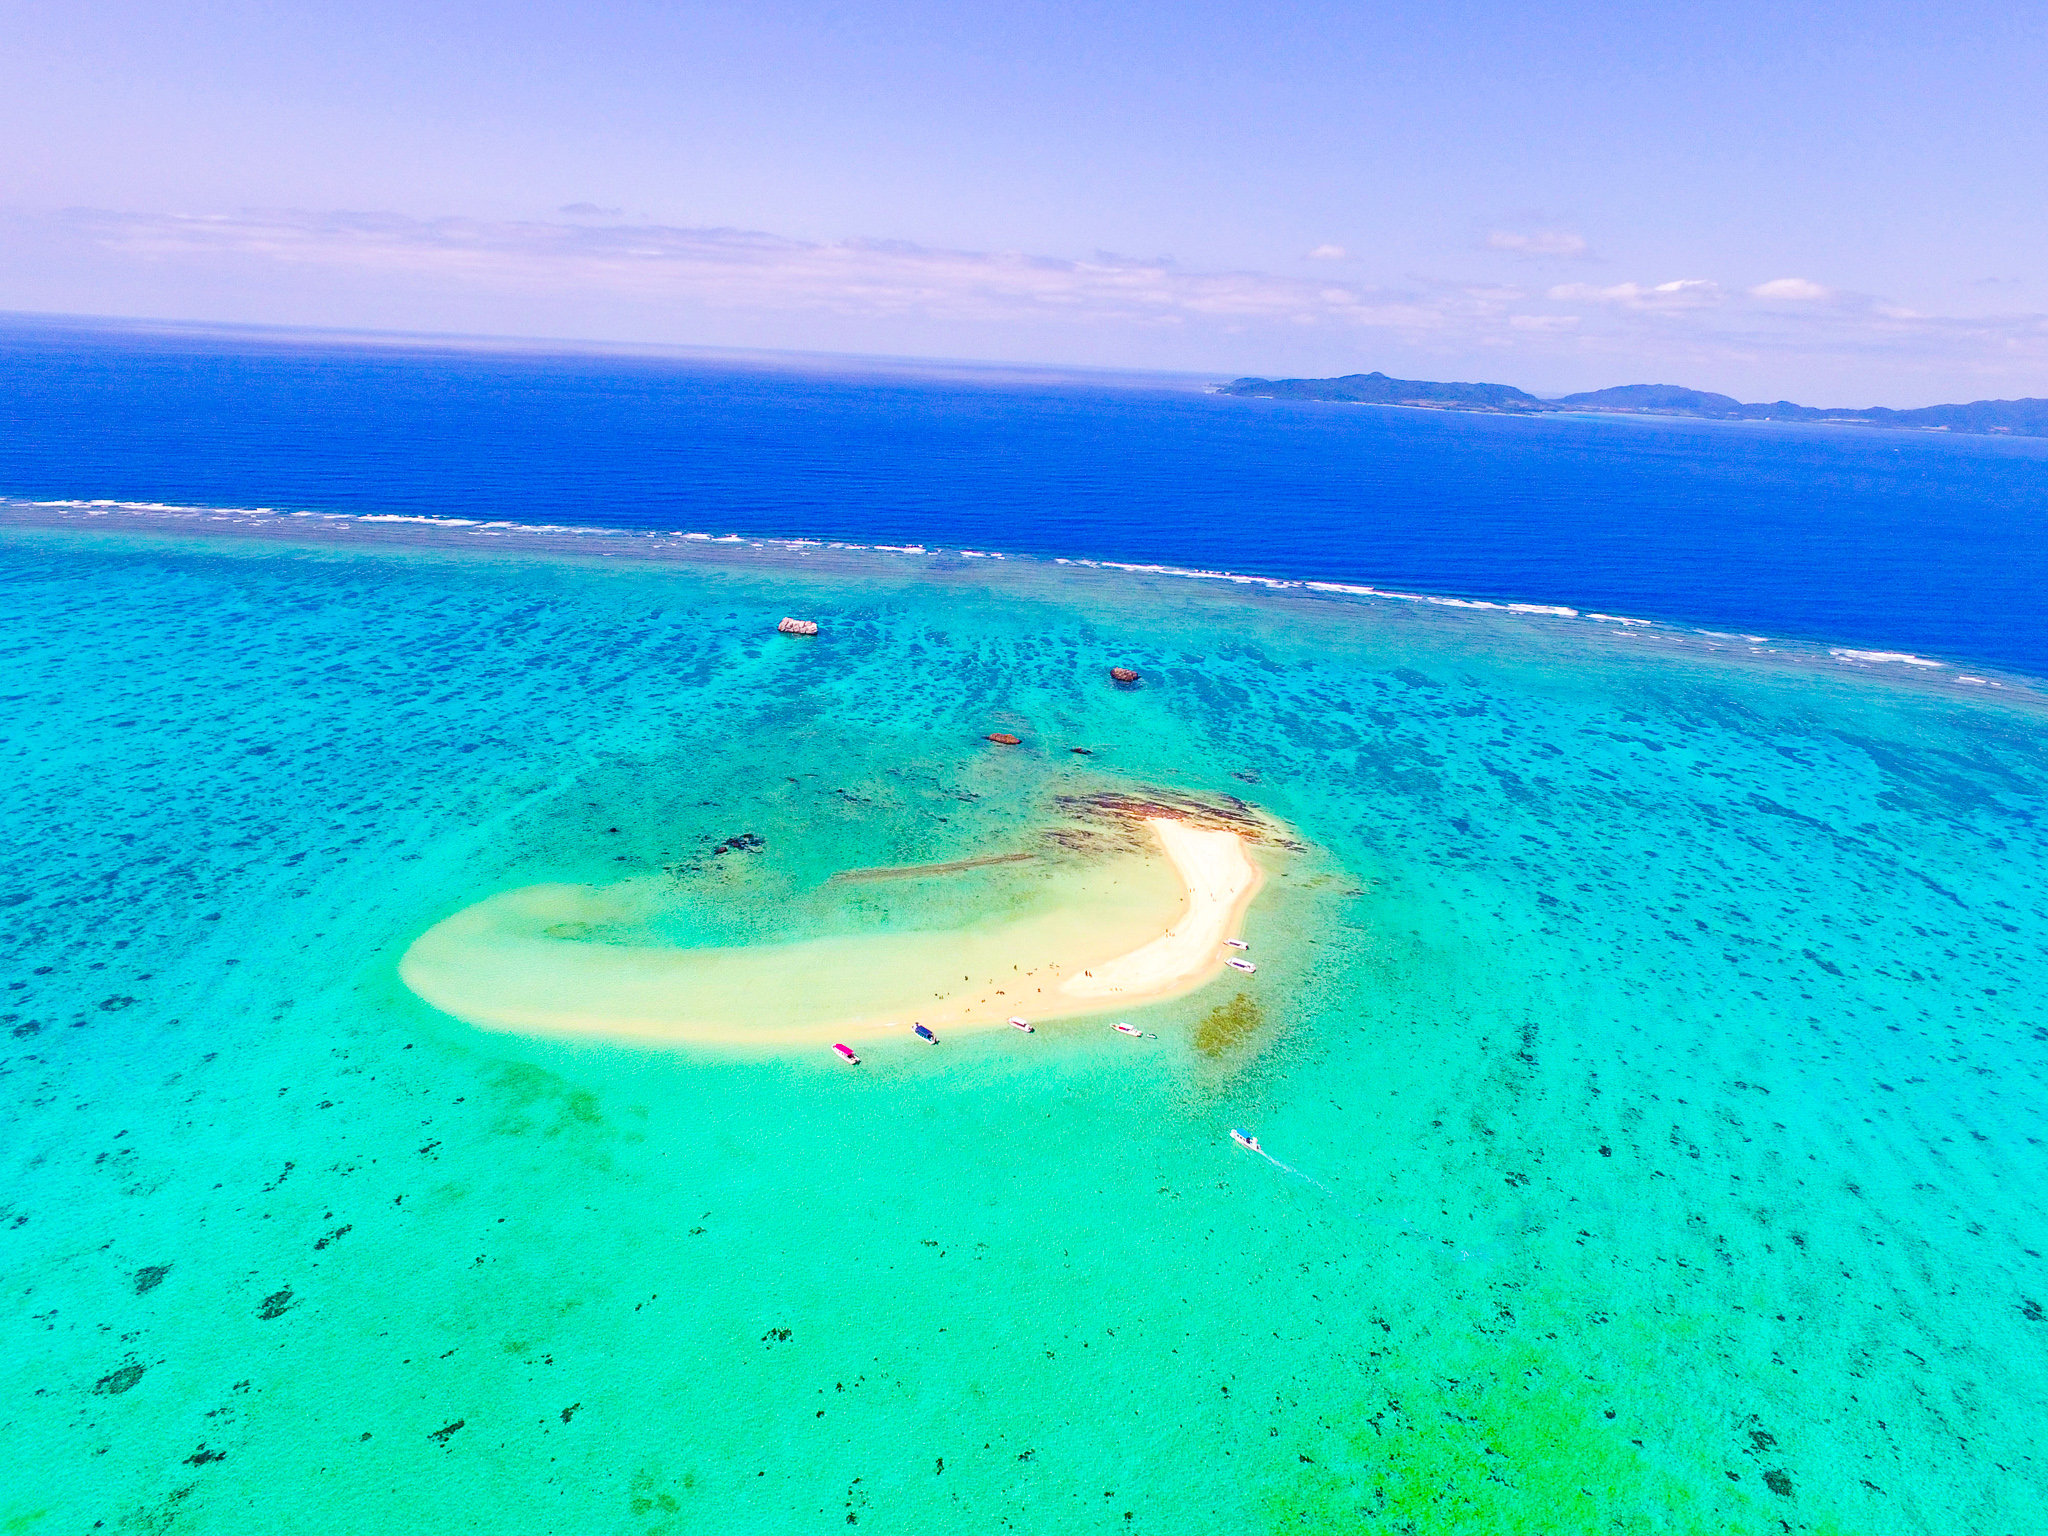 石垣島No.1のみどころである幻の島